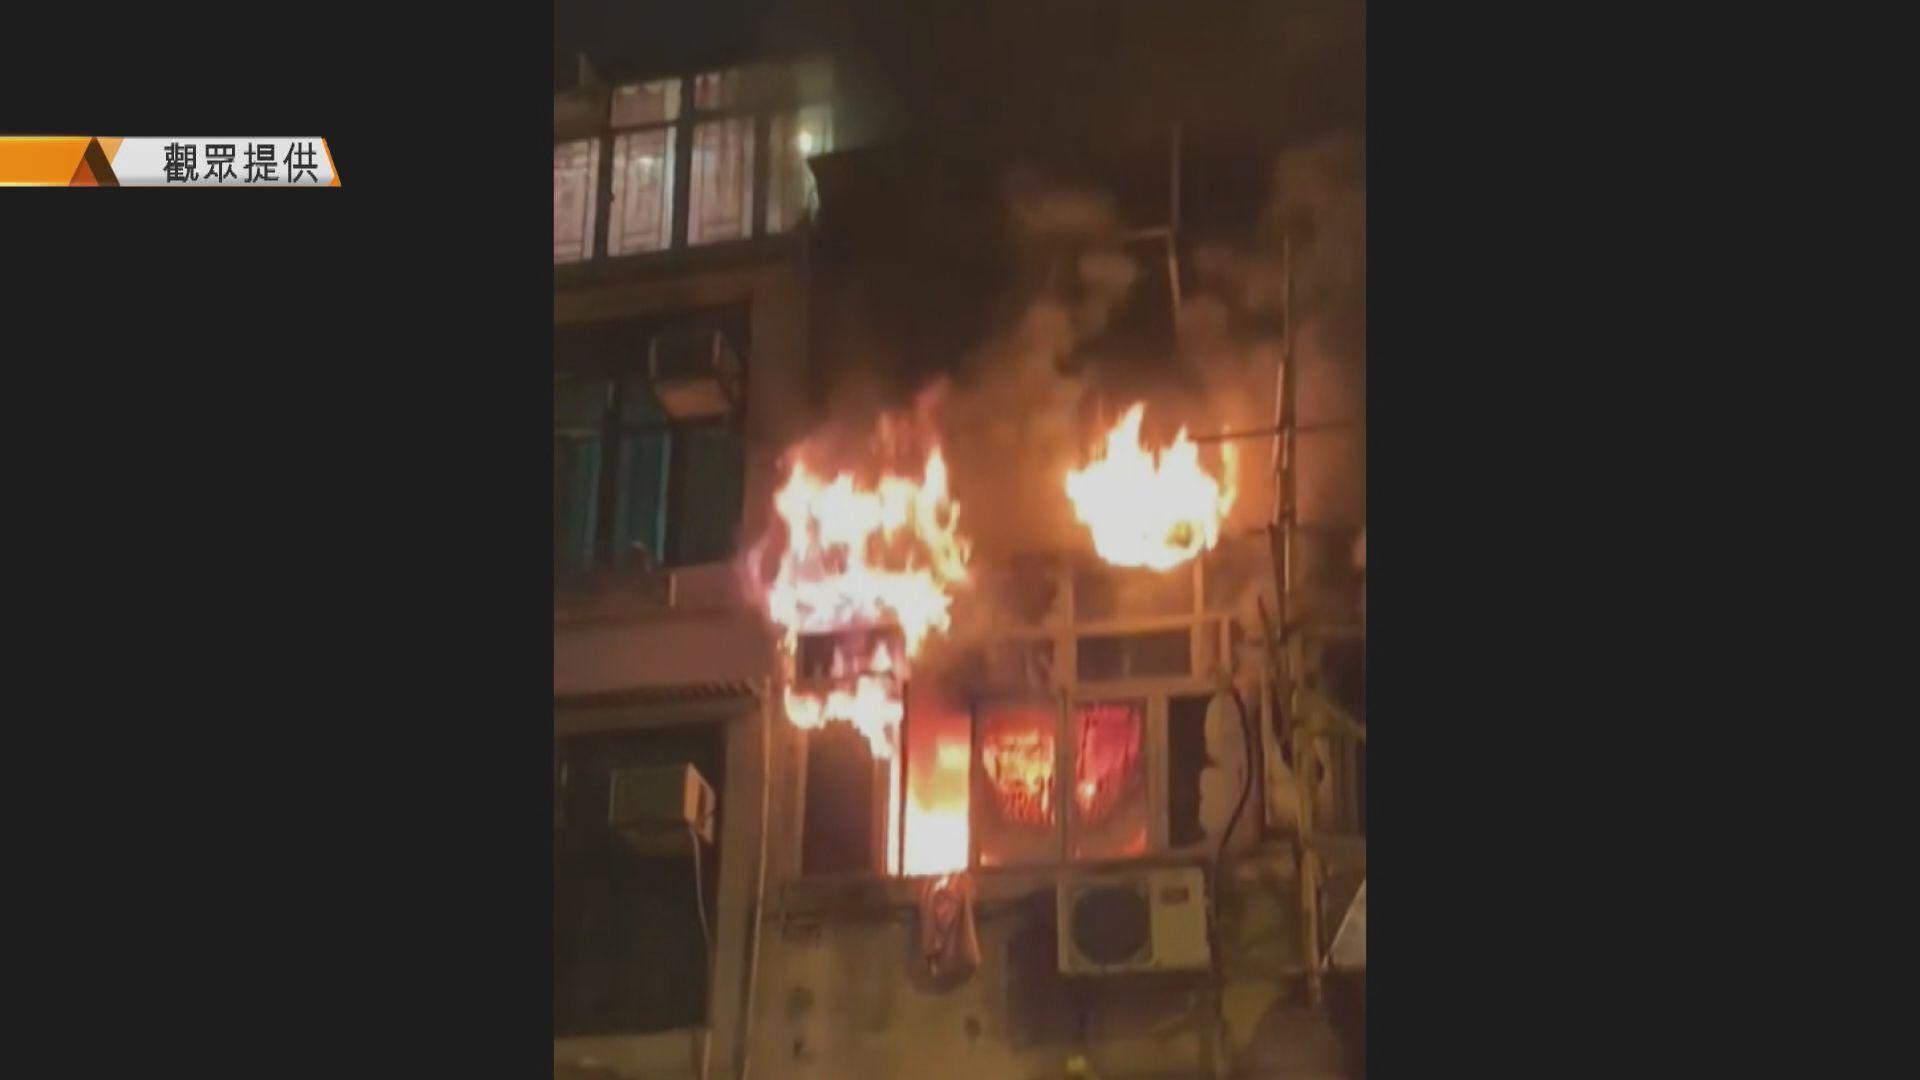 油麻地唐樓大火釀七死十傷 消息指疑生日會蠟燭致火警